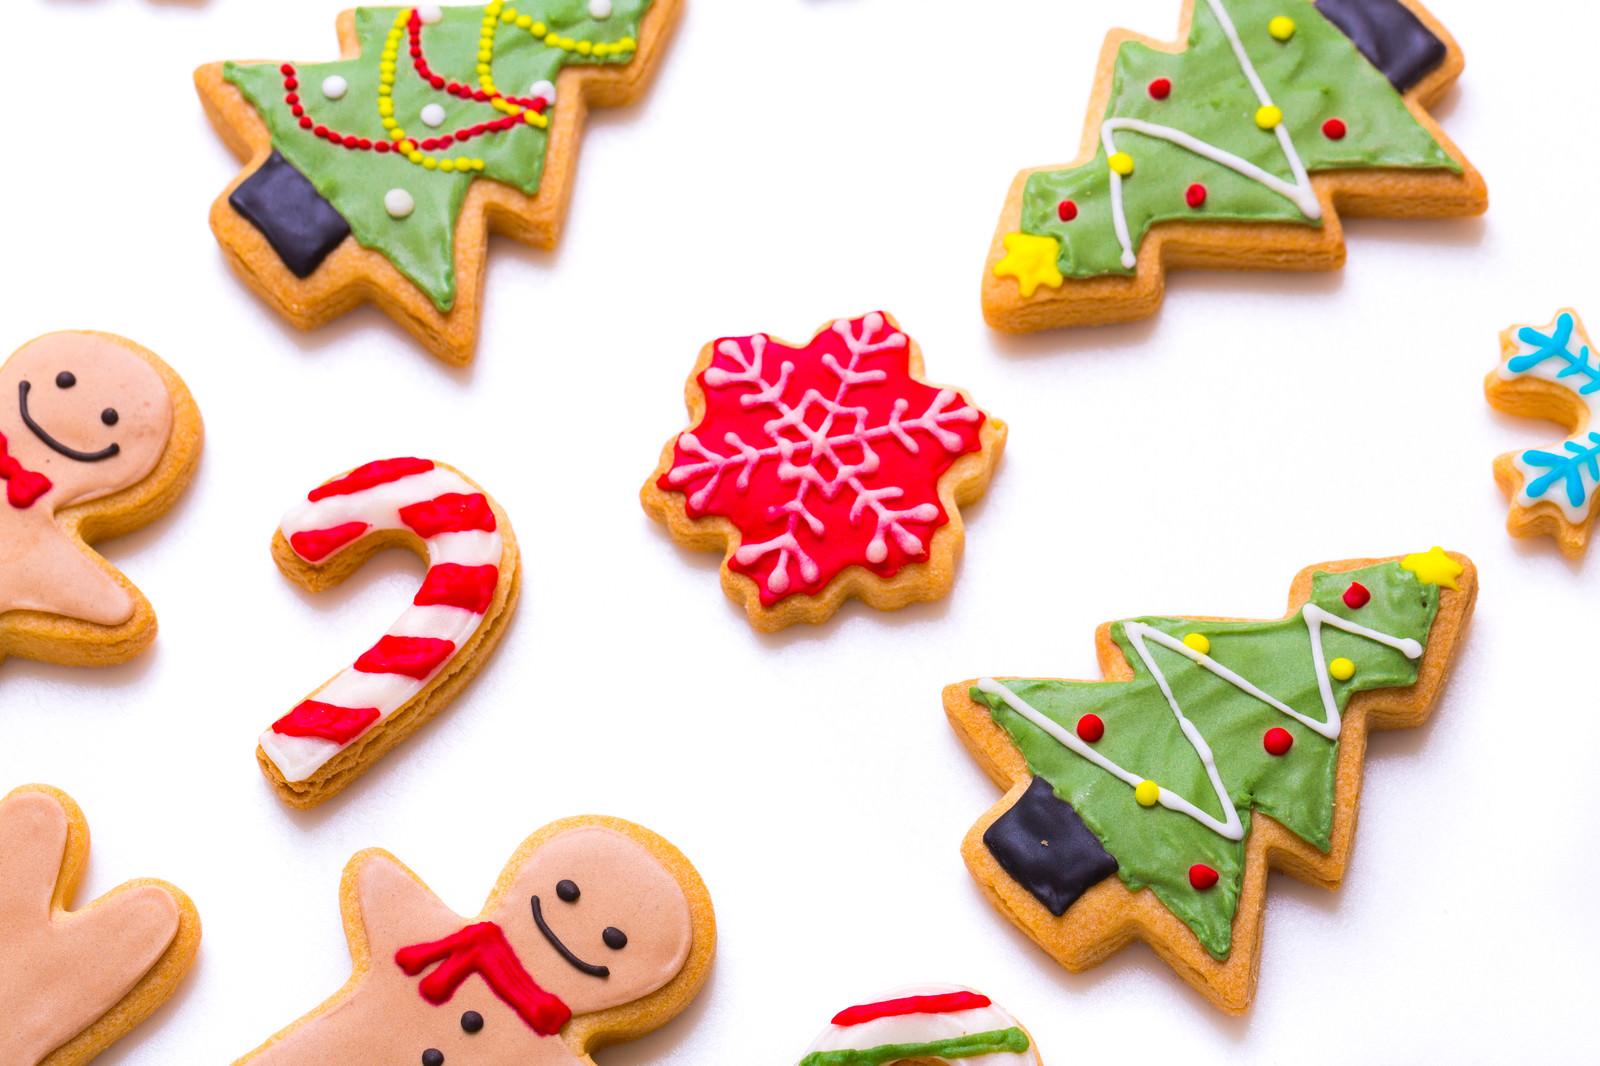 「クリスマスのアイシングクッキー」の写真